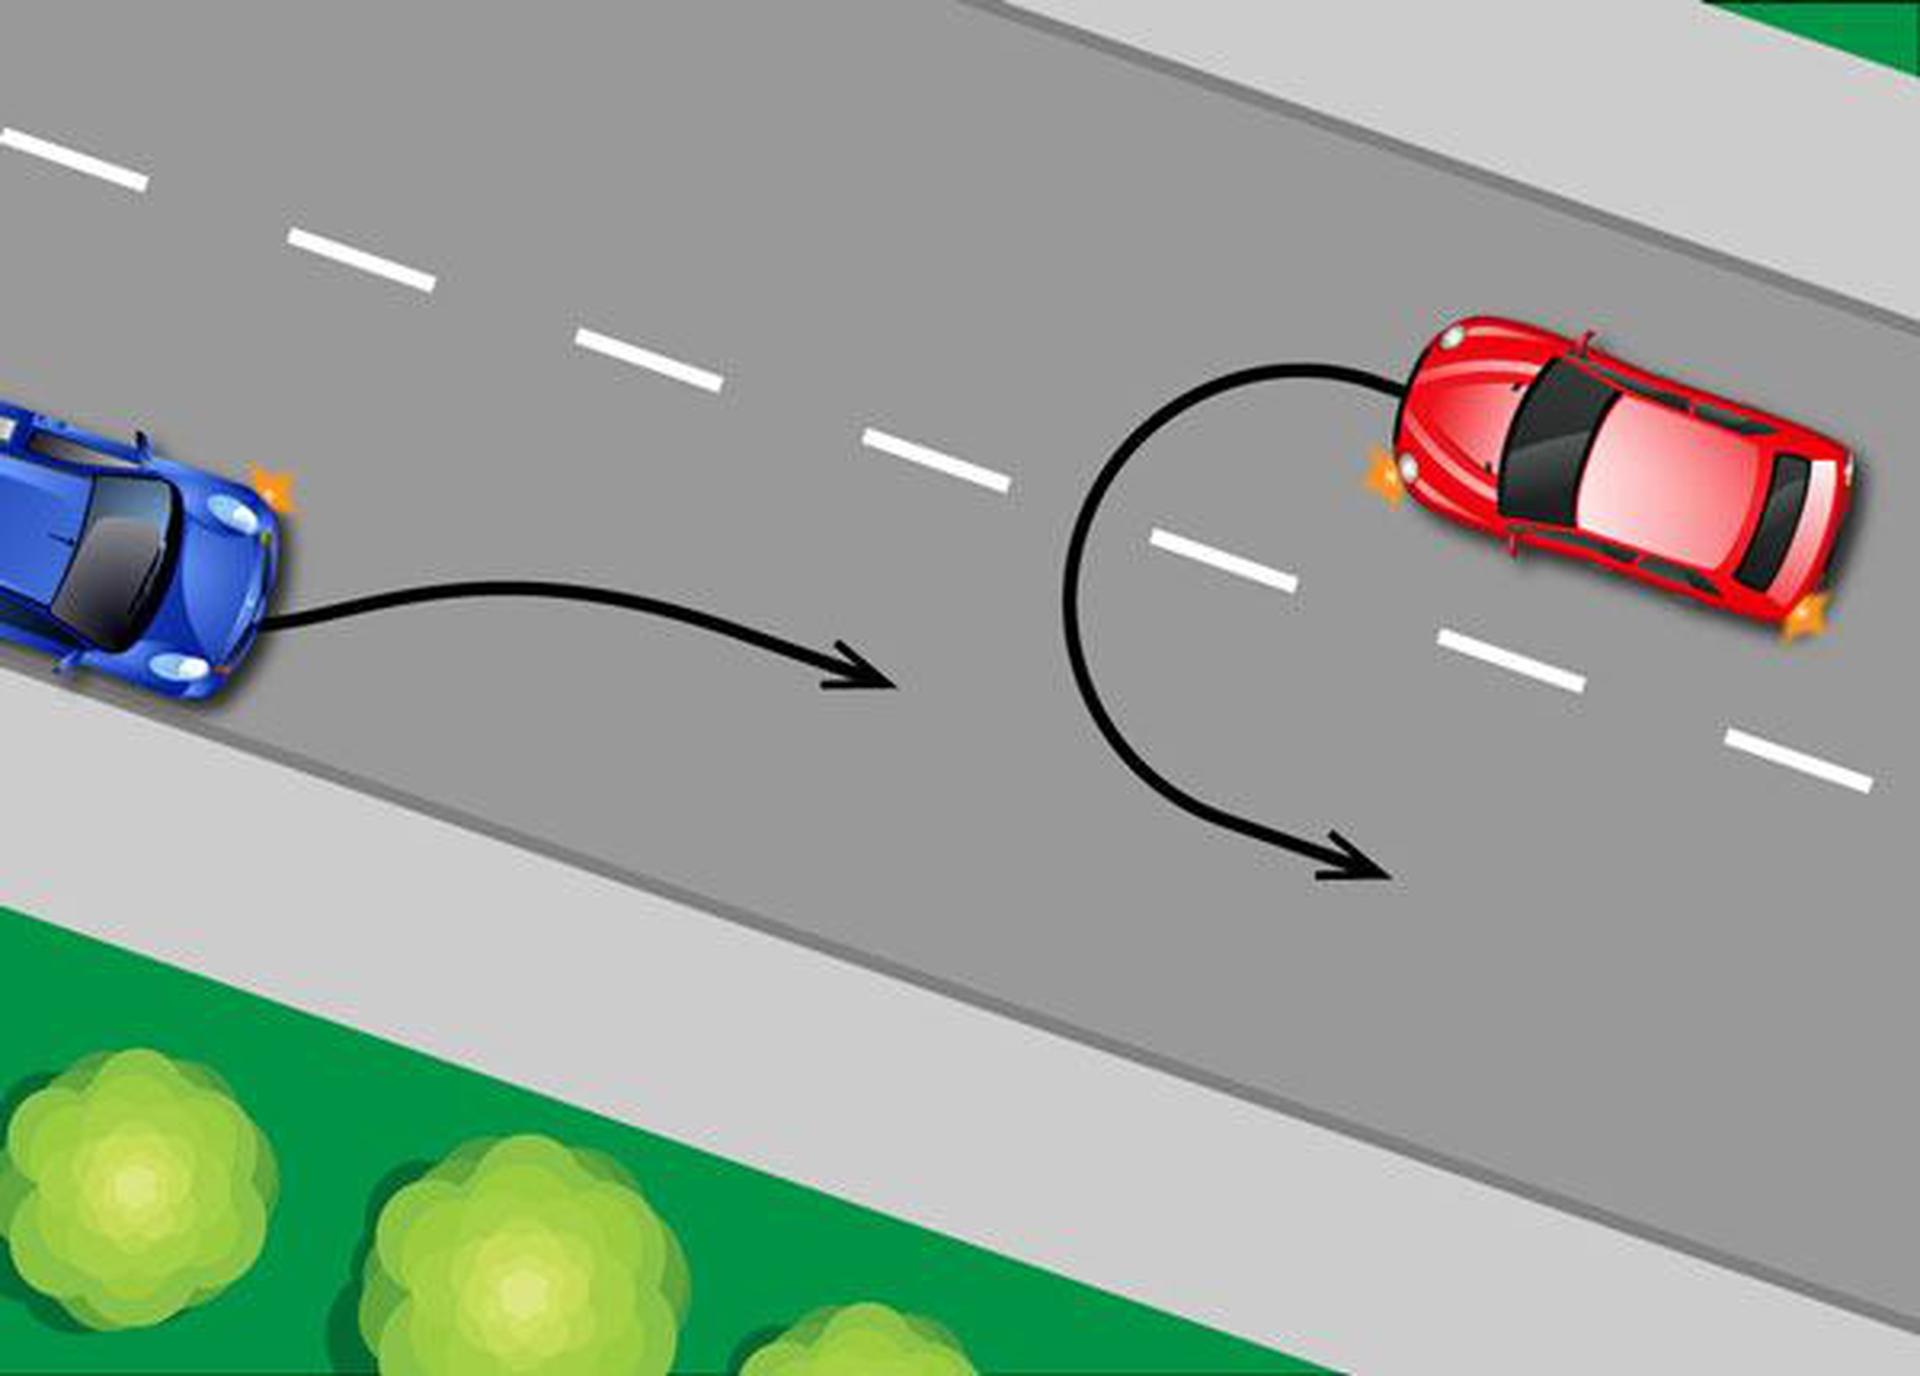 Making a U-Turn